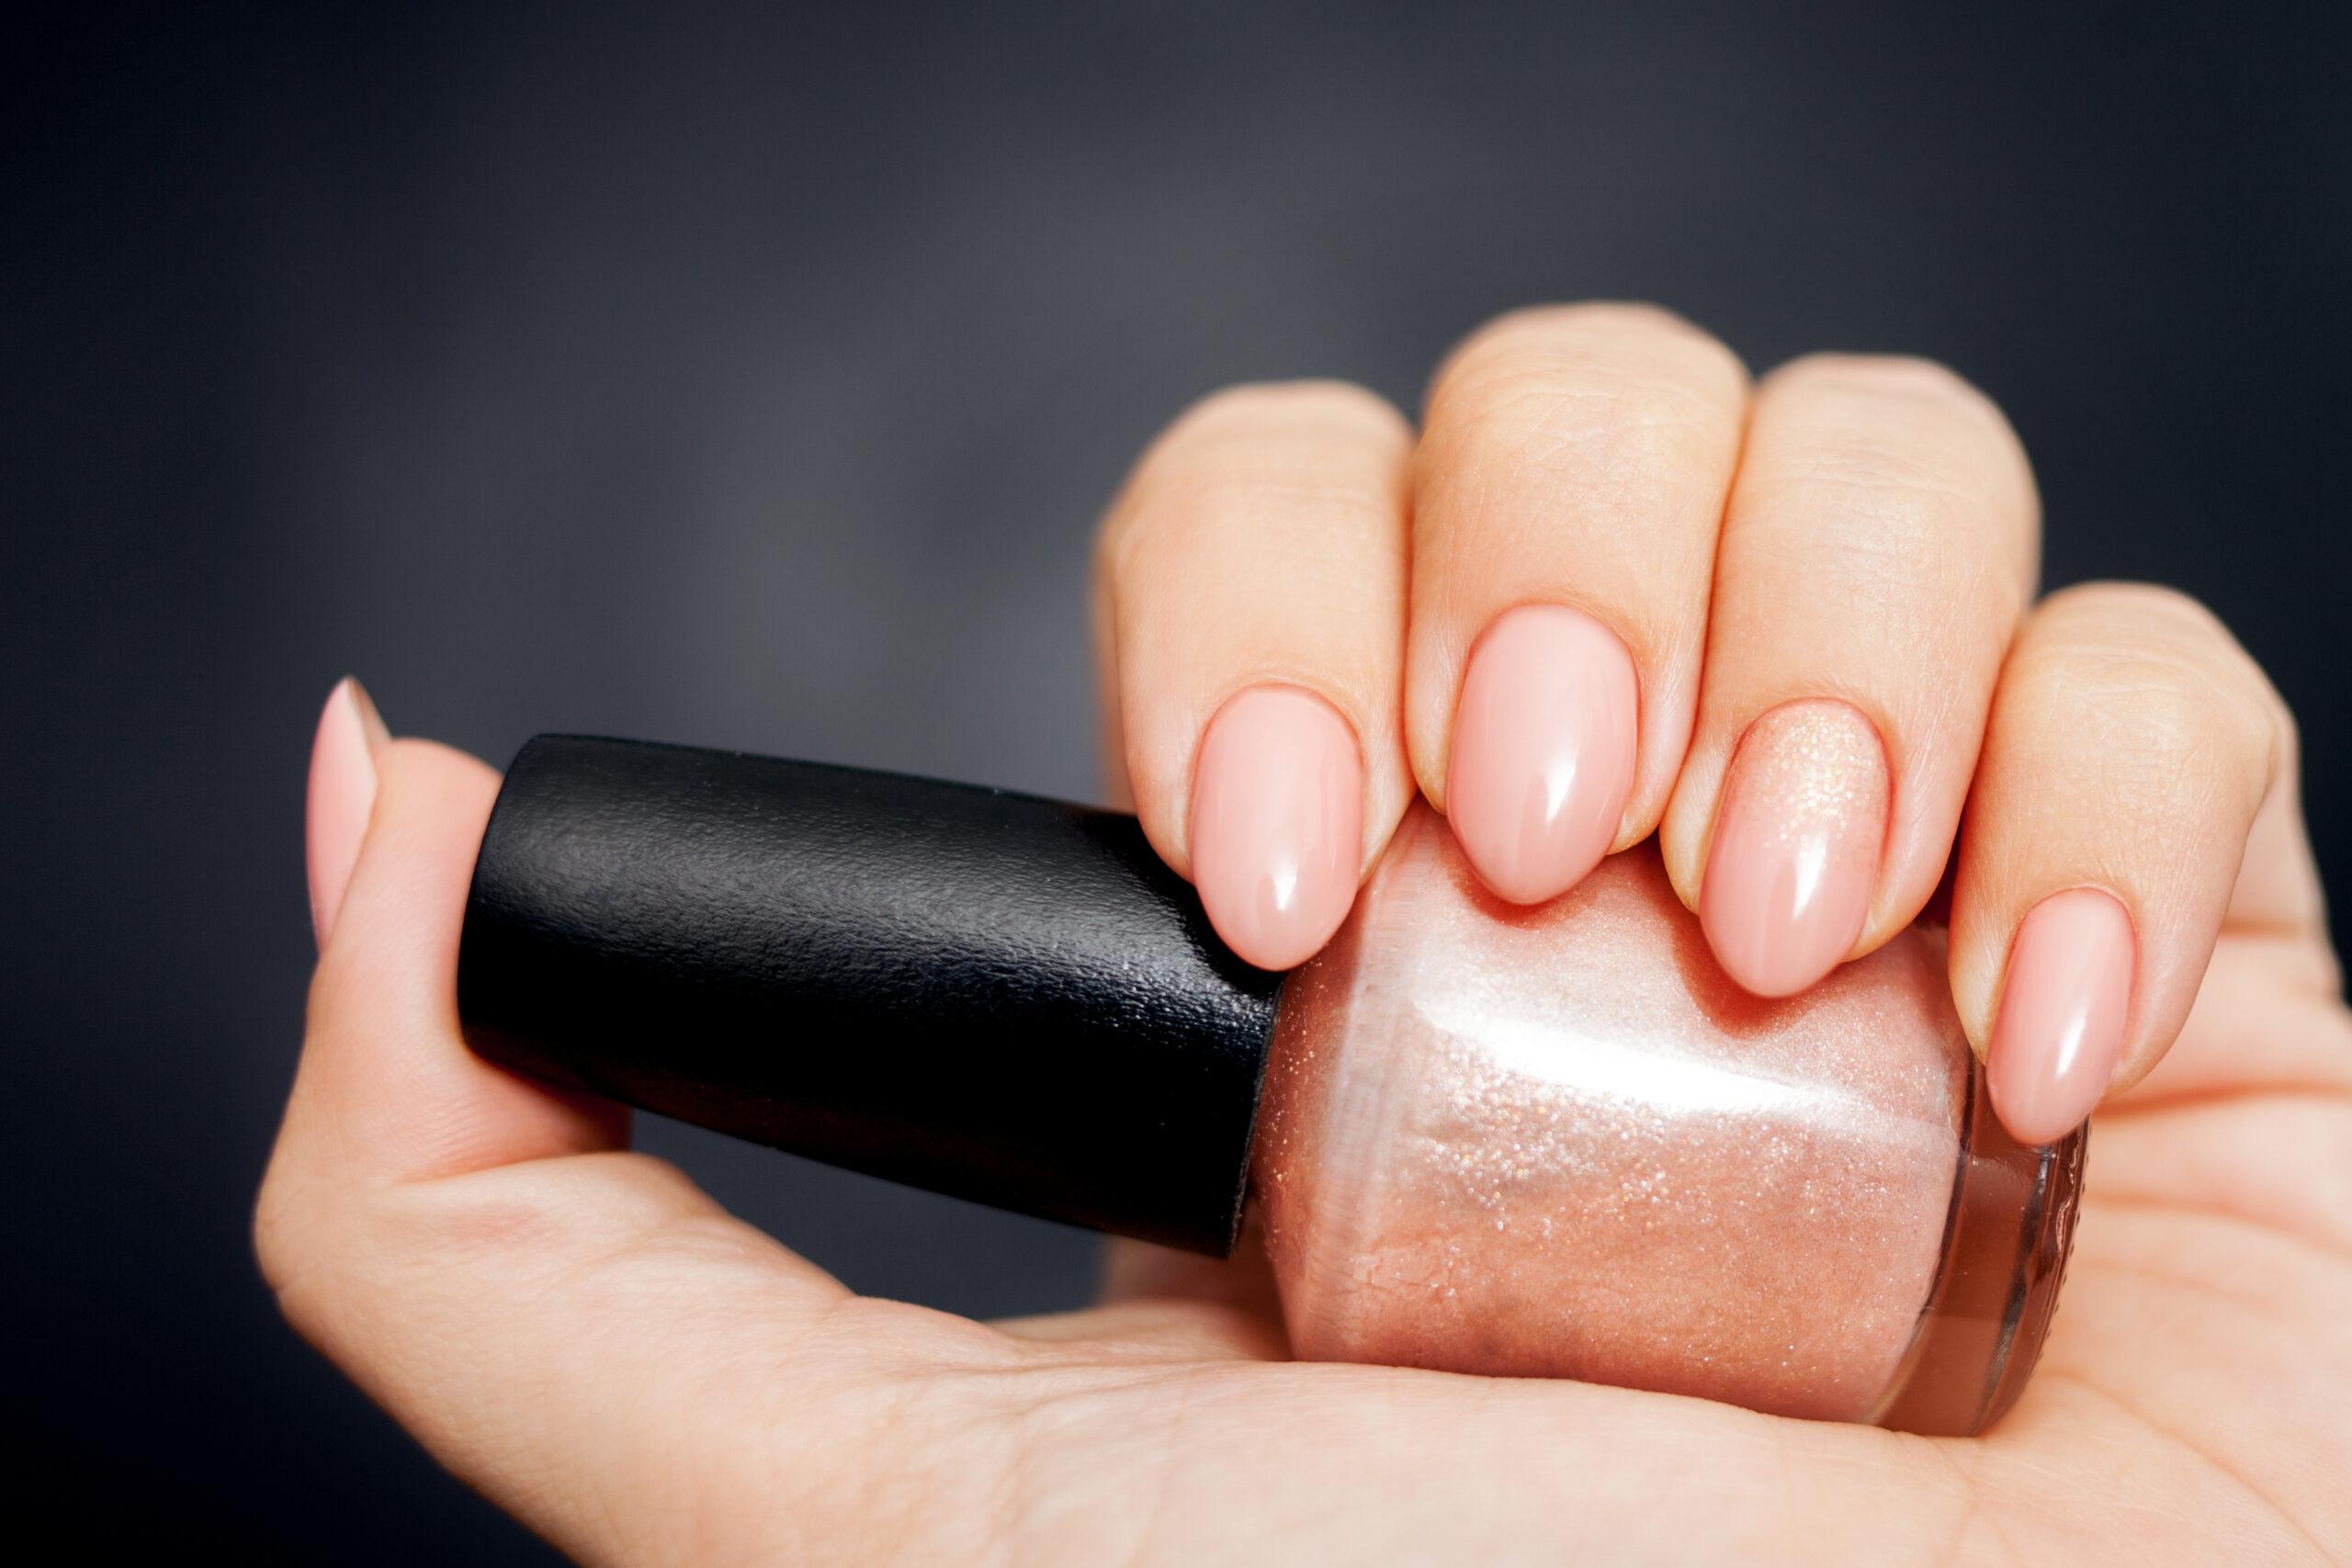 paznokcie ślubne nude z efektem błysku na dłoni panny młodej